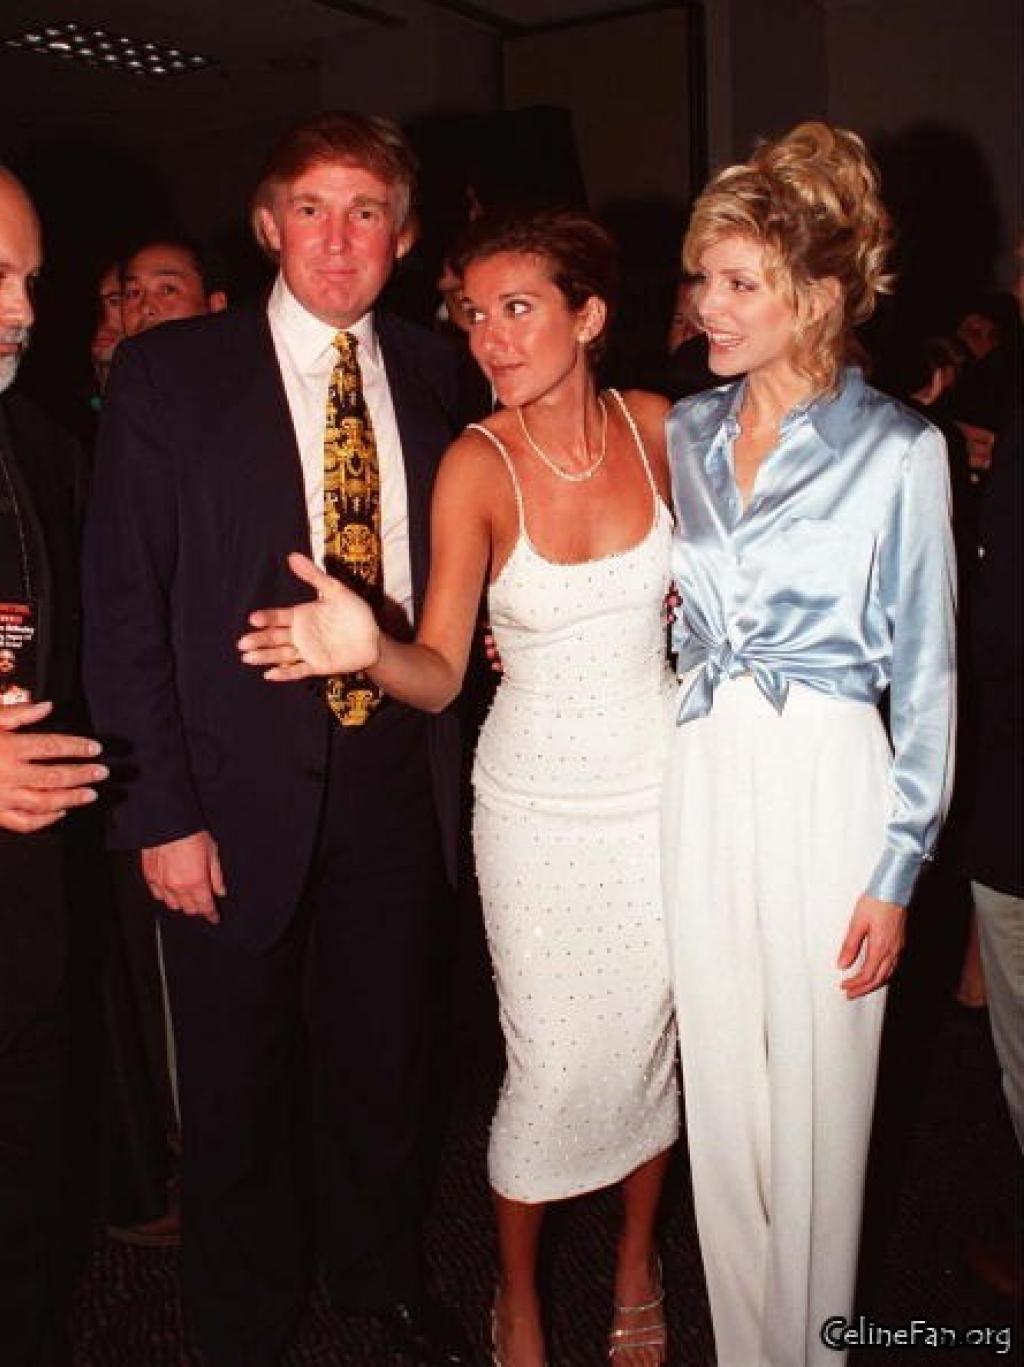 Une ancienne photo de Céline Dion et Donald Trump crée la polémique sur la toile...(Photo-vidéo)